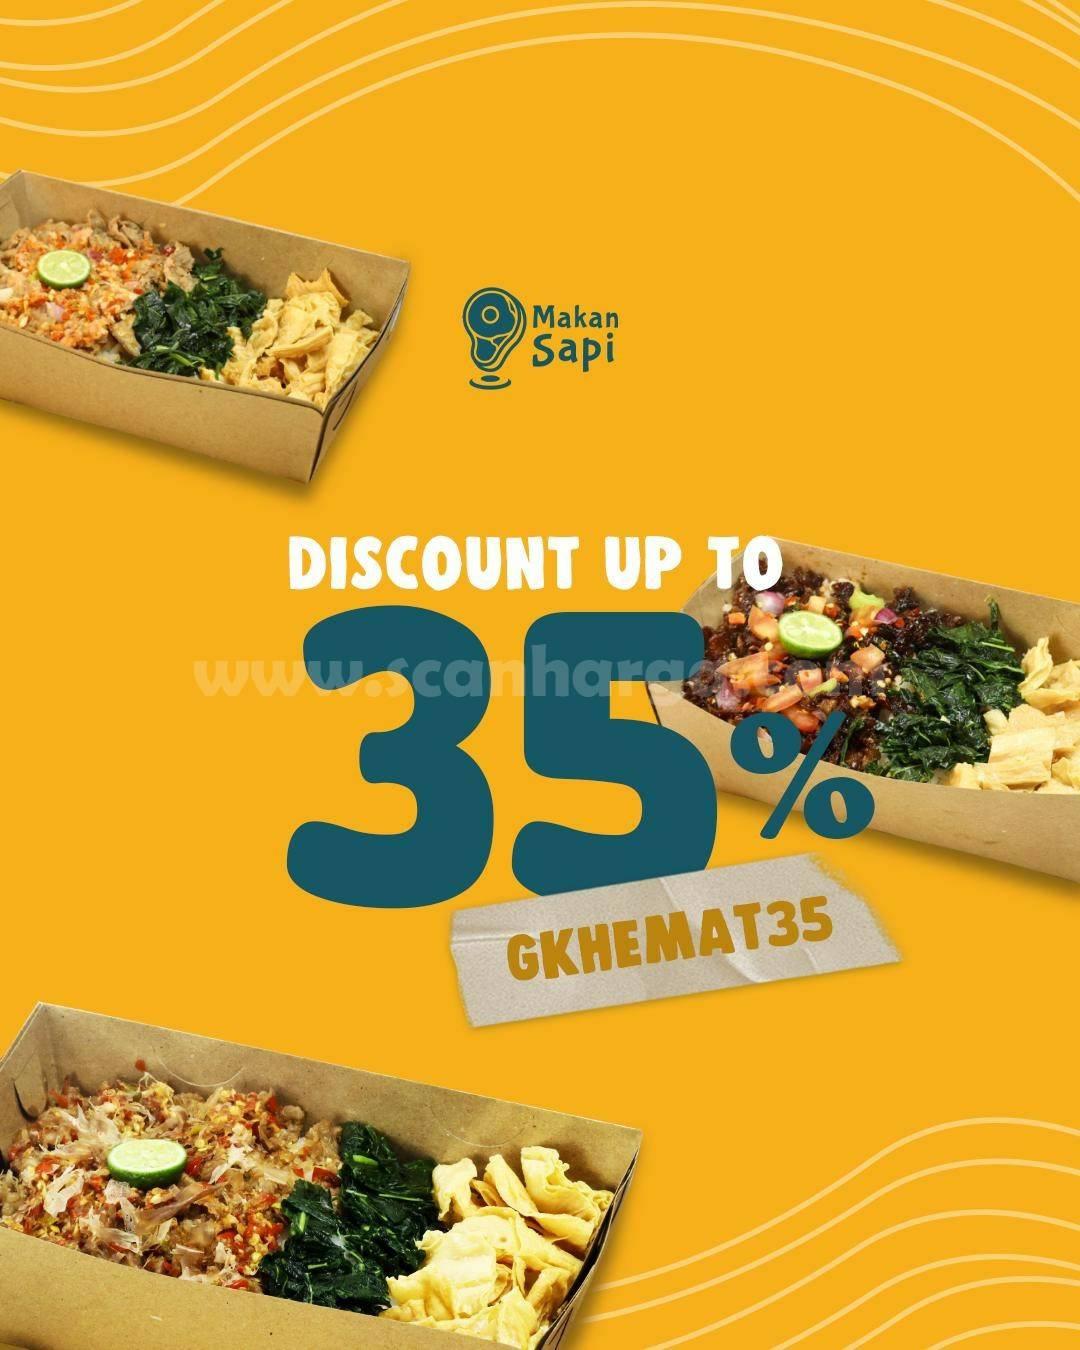 MAKAN SAPI Promo DISKON hingga 35% khusus pemesanan via GRABFOOD